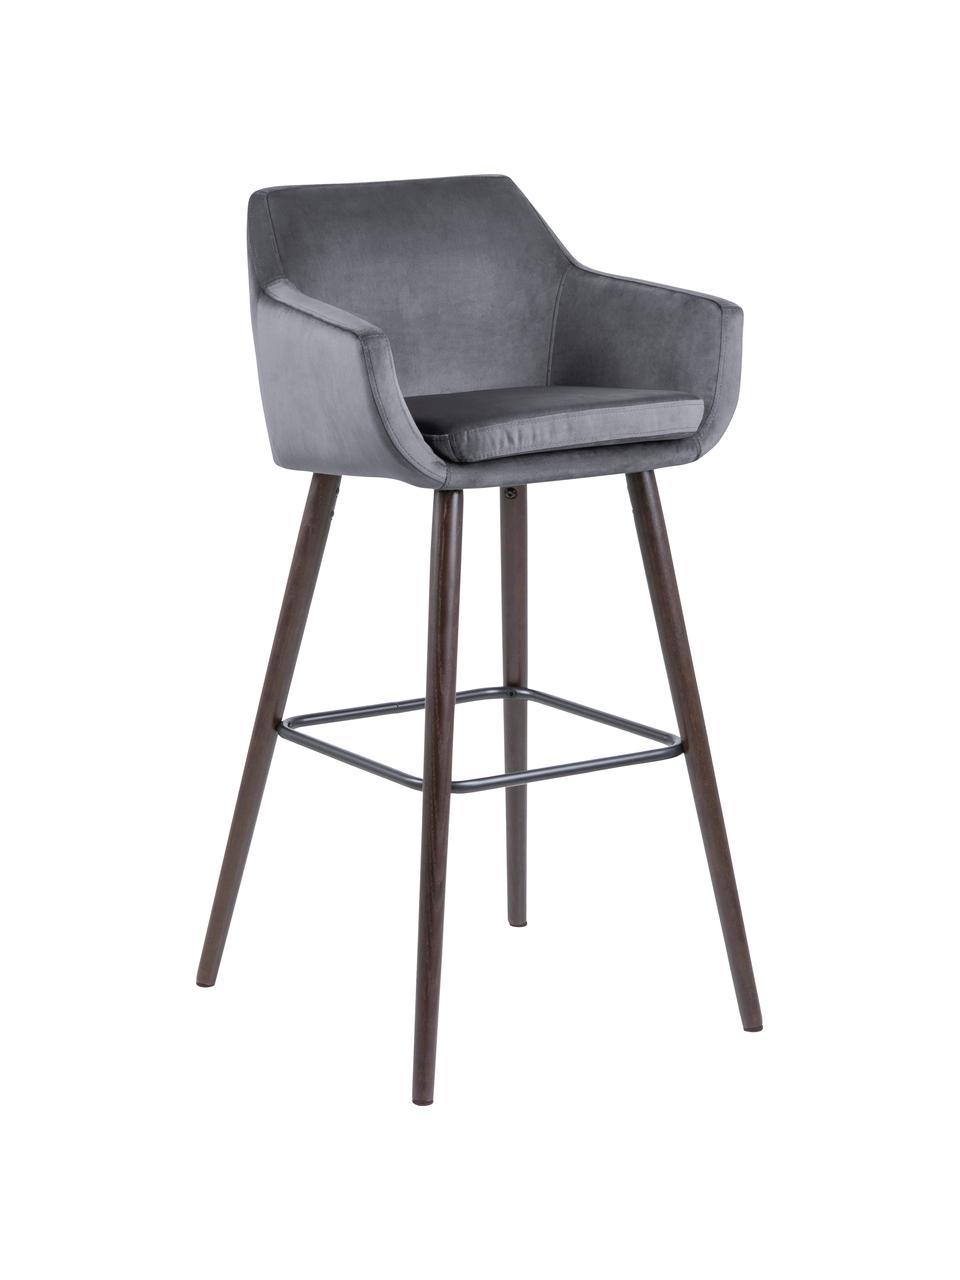 Samt-Barstühle Nora in Grau, 2 Stück, Bezug: Polyestersamt 25.000 Sche, Beine: Eichenholz, gebeizt und g, Samt Dunkelgrau, Beine: Eiche, 55 x 101 cm